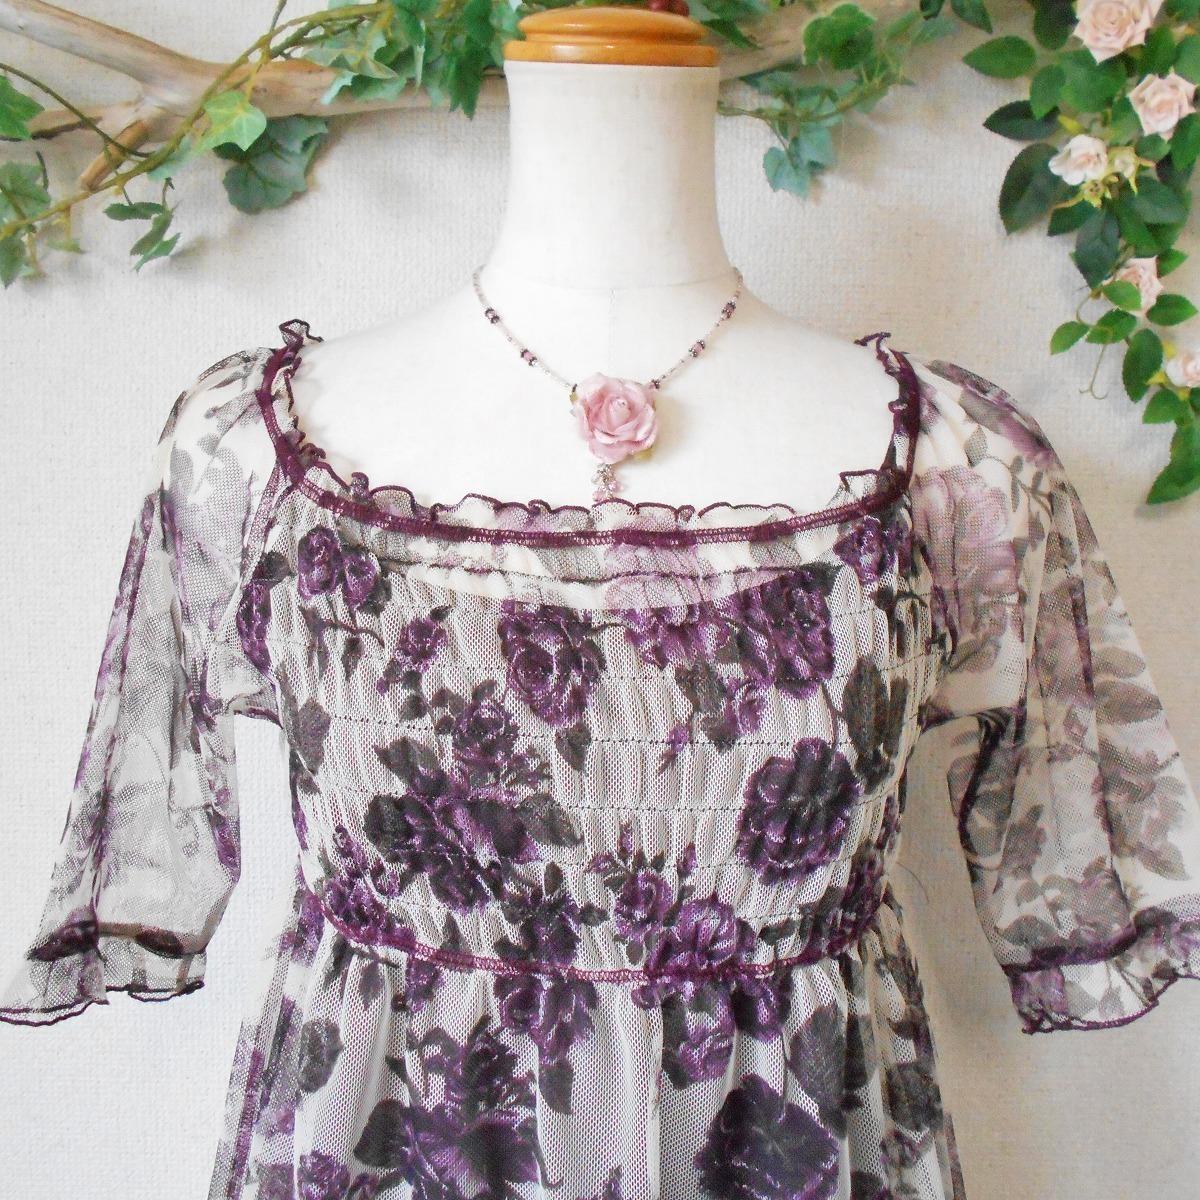 レストローズ LEST ROSE 総 チュール 使用 花柄 の 可愛い 5分袖 カットソー ブラウス 日本製 M キャミ付き_画像2